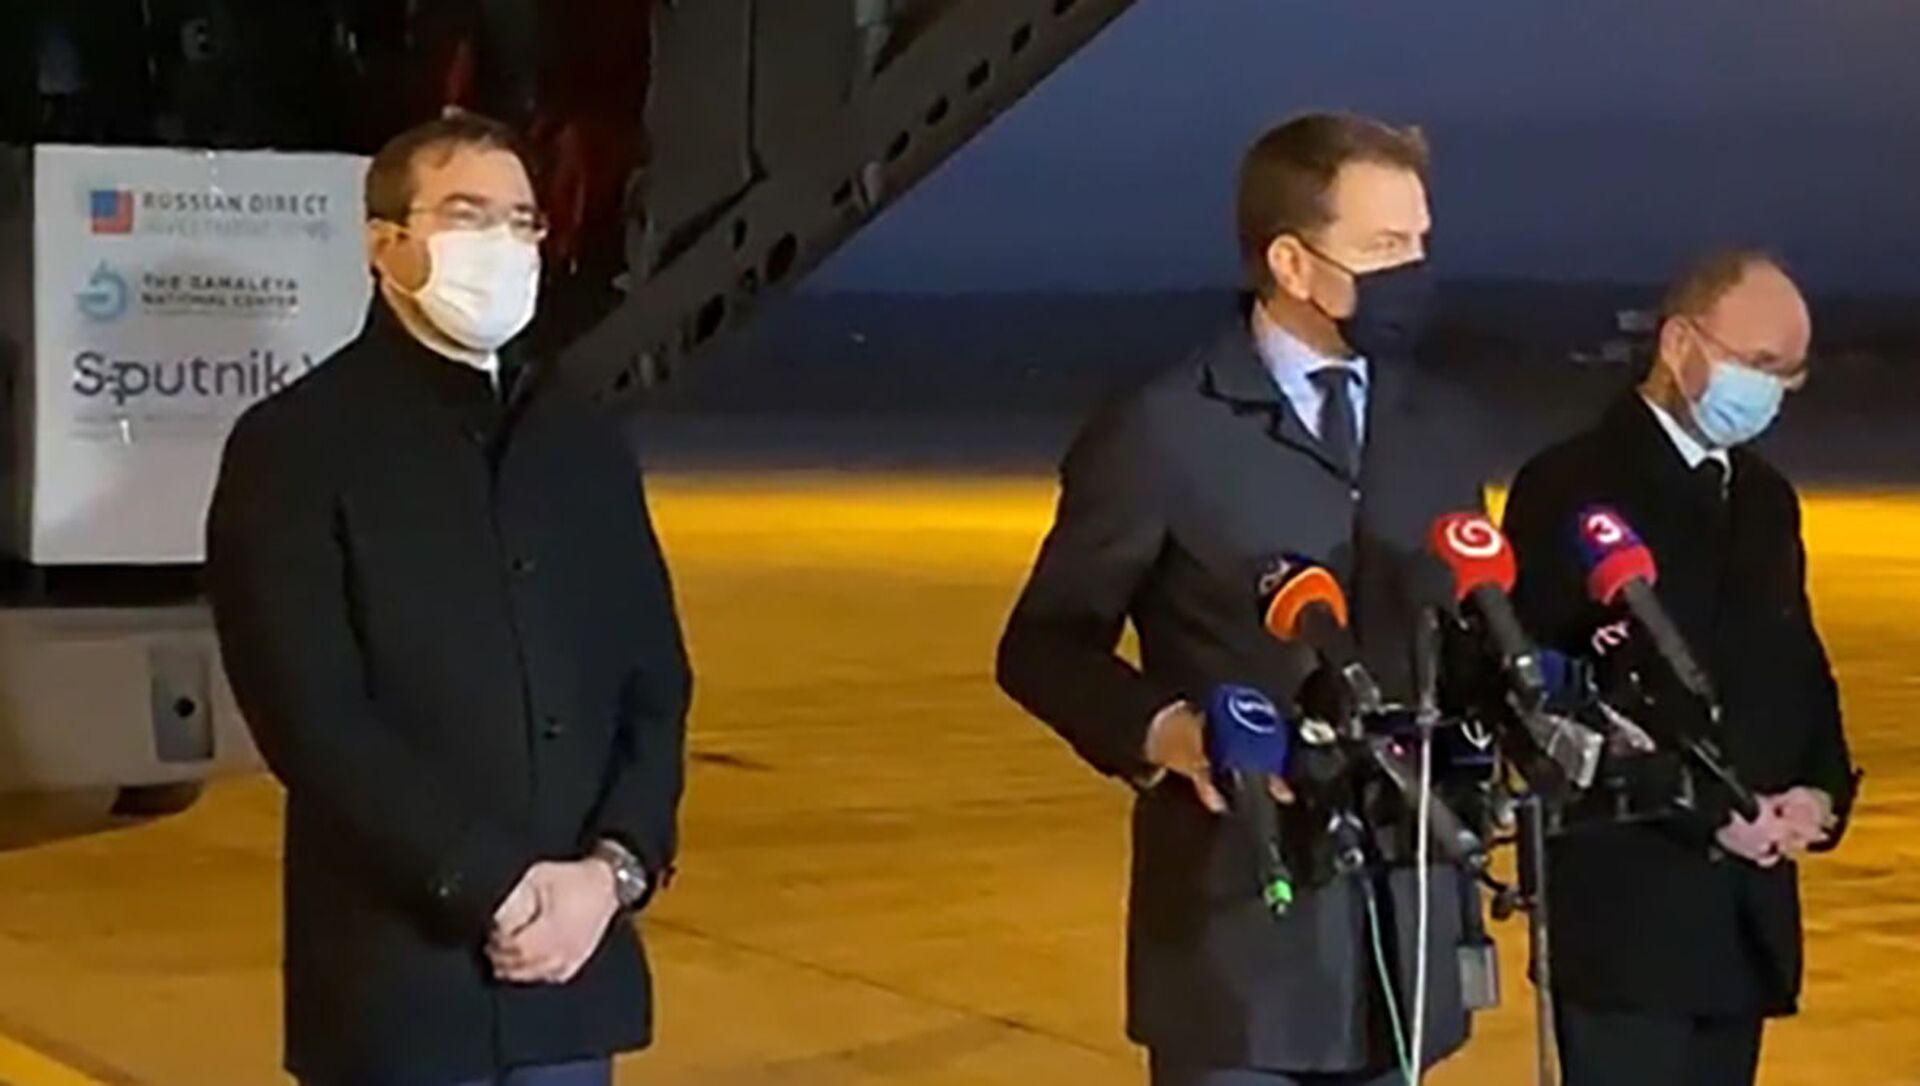 Slovenský premiér Igor Matovič (uprostřed) na letišti v Košicích, kam byly dopraveny první dodávky ruské vakcíny Sputnik V - Sputnik Česká republika, 1920, 03.03.2021